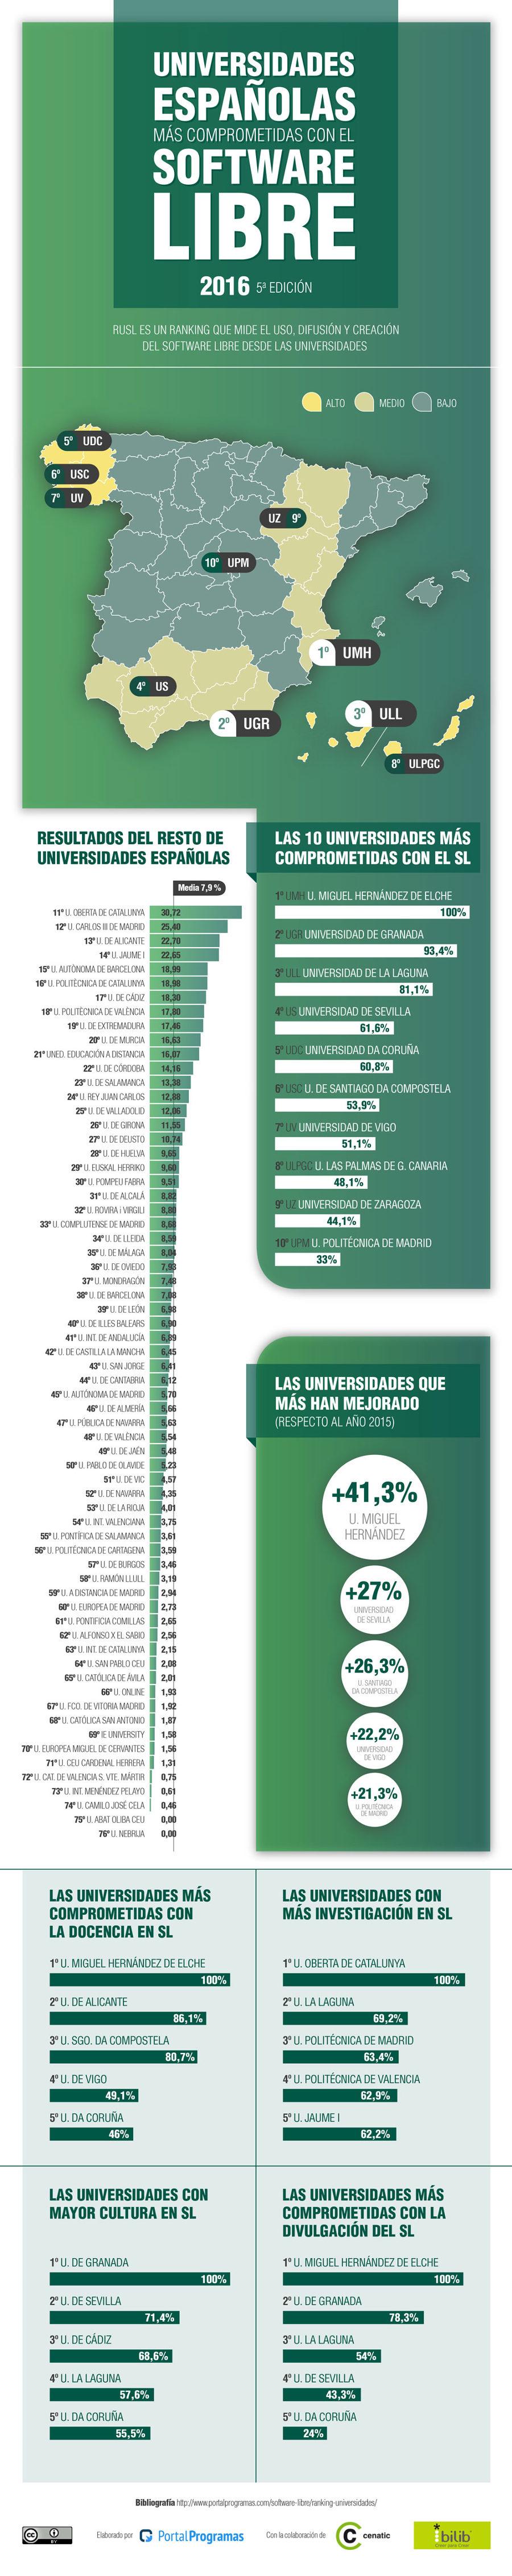 Las universidades españolas más comprometidas con el Software Libre en 2016